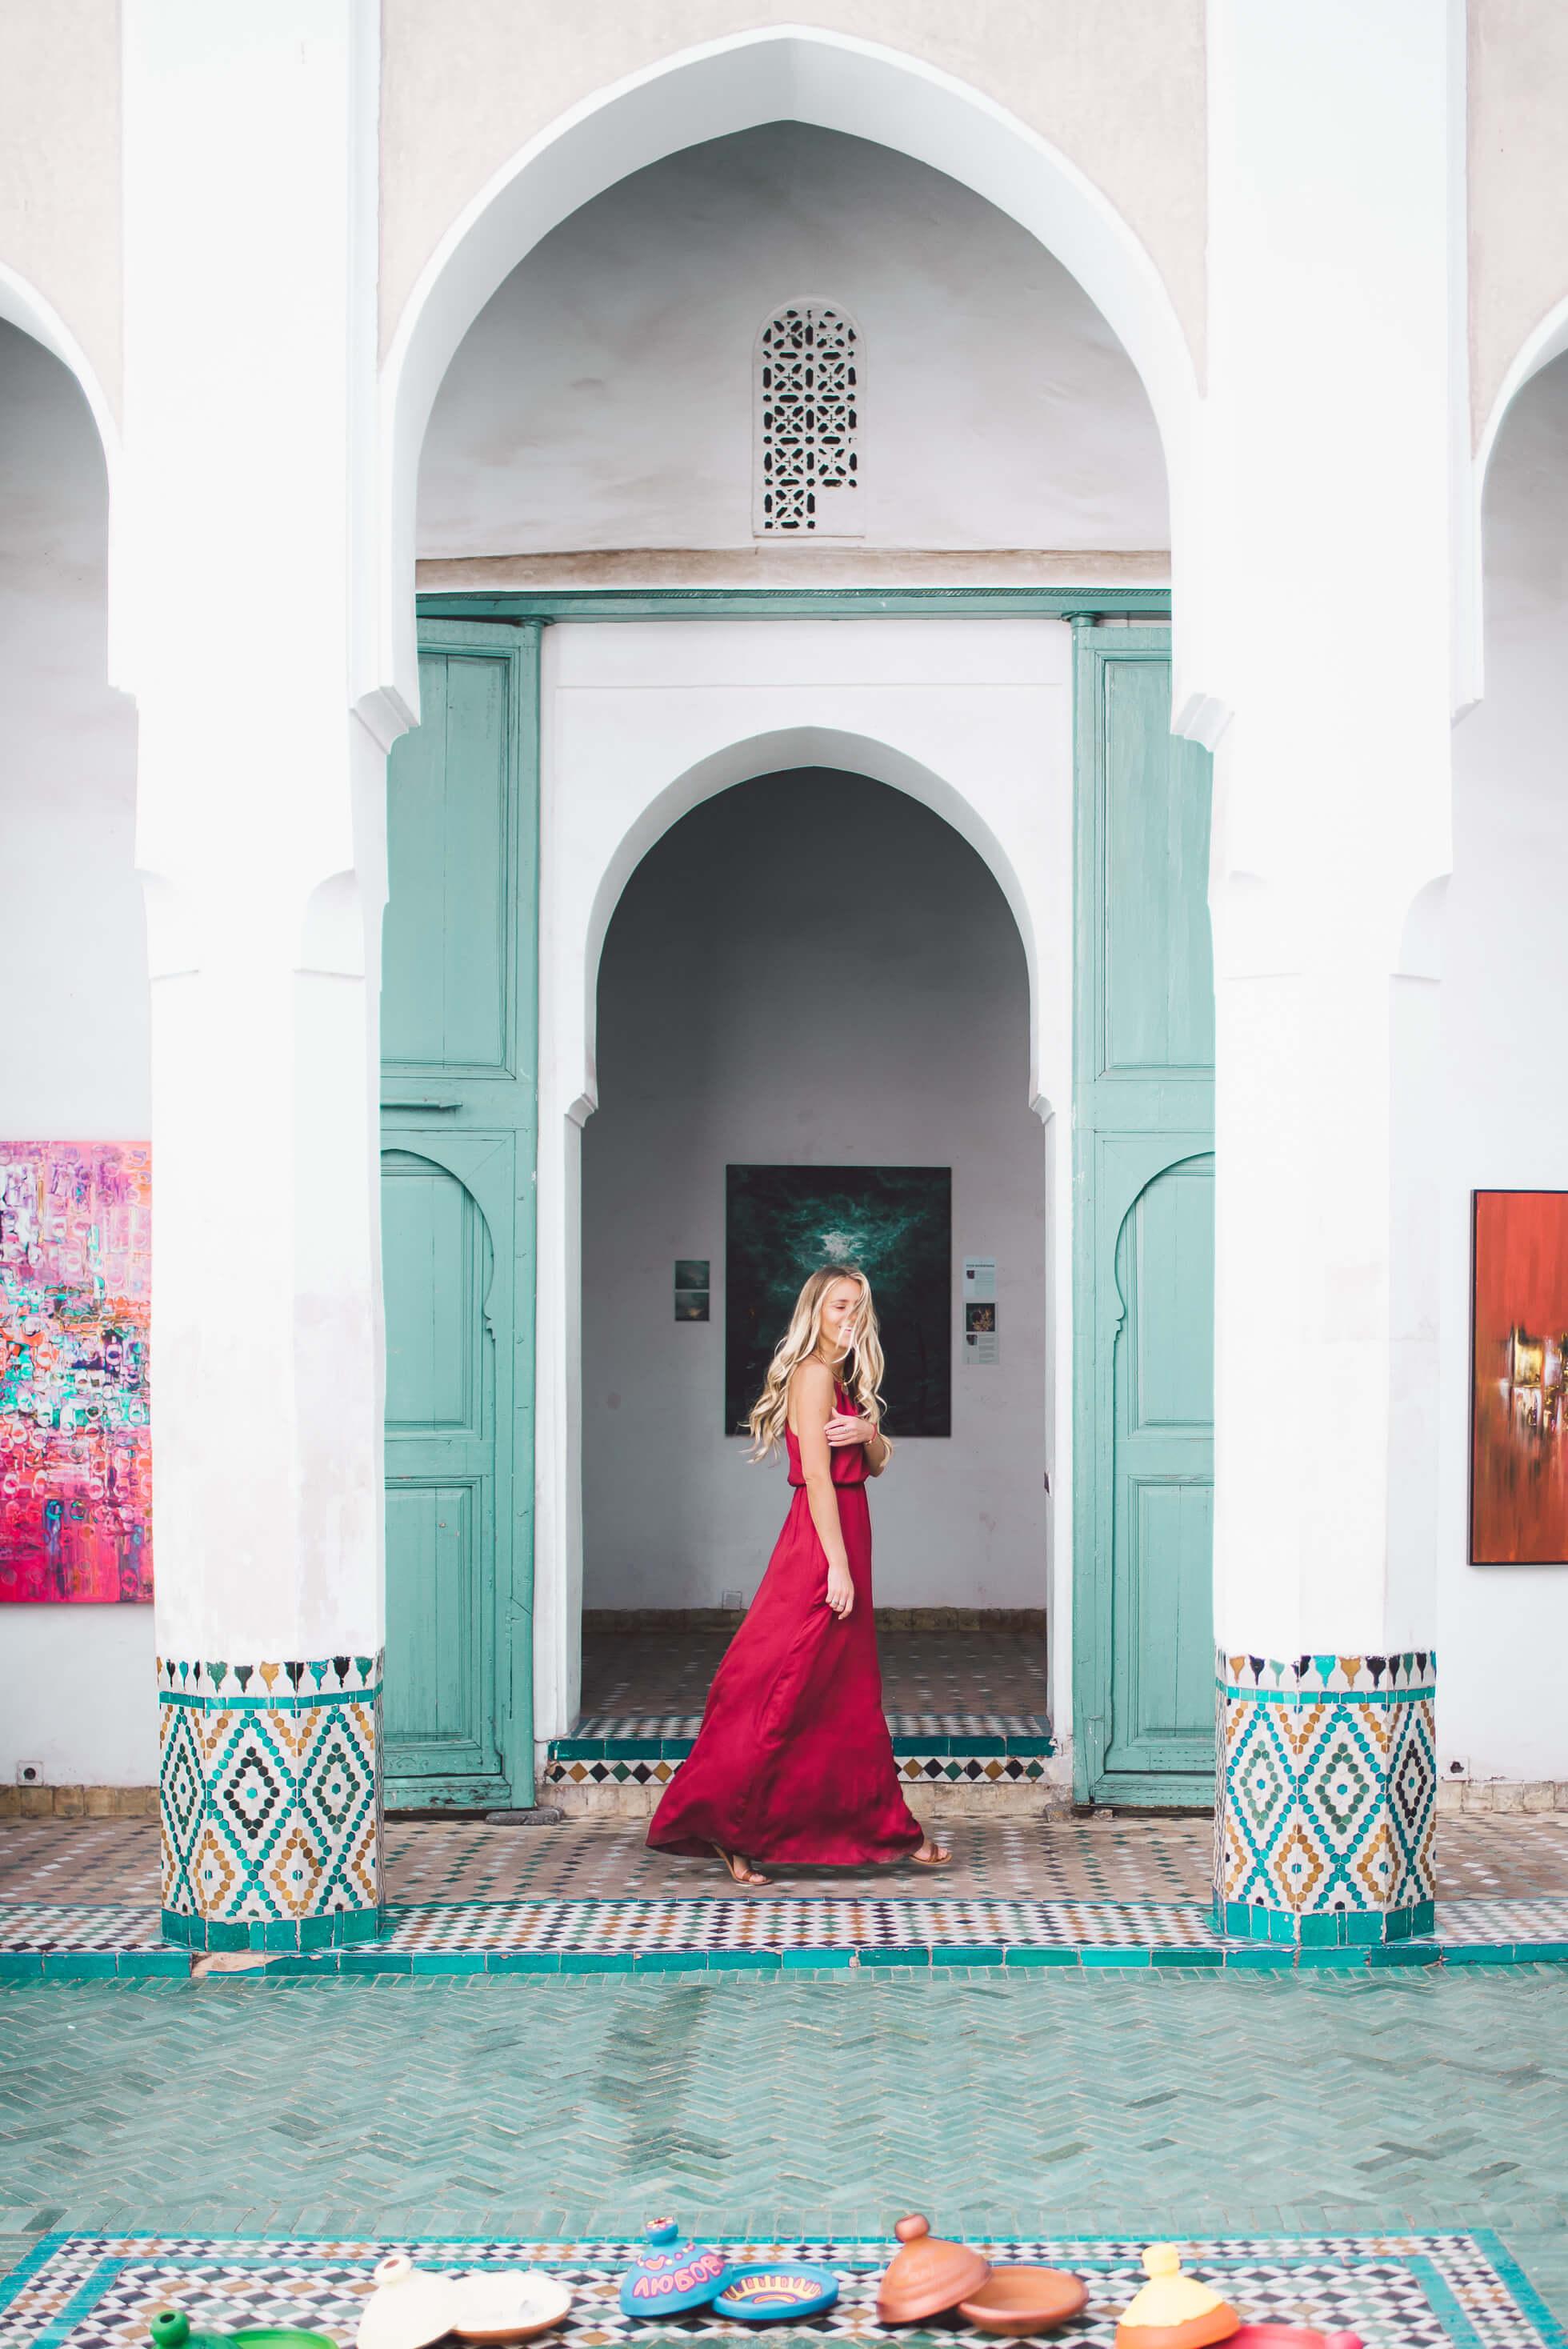 janni-deler-red-dressDSC_0281